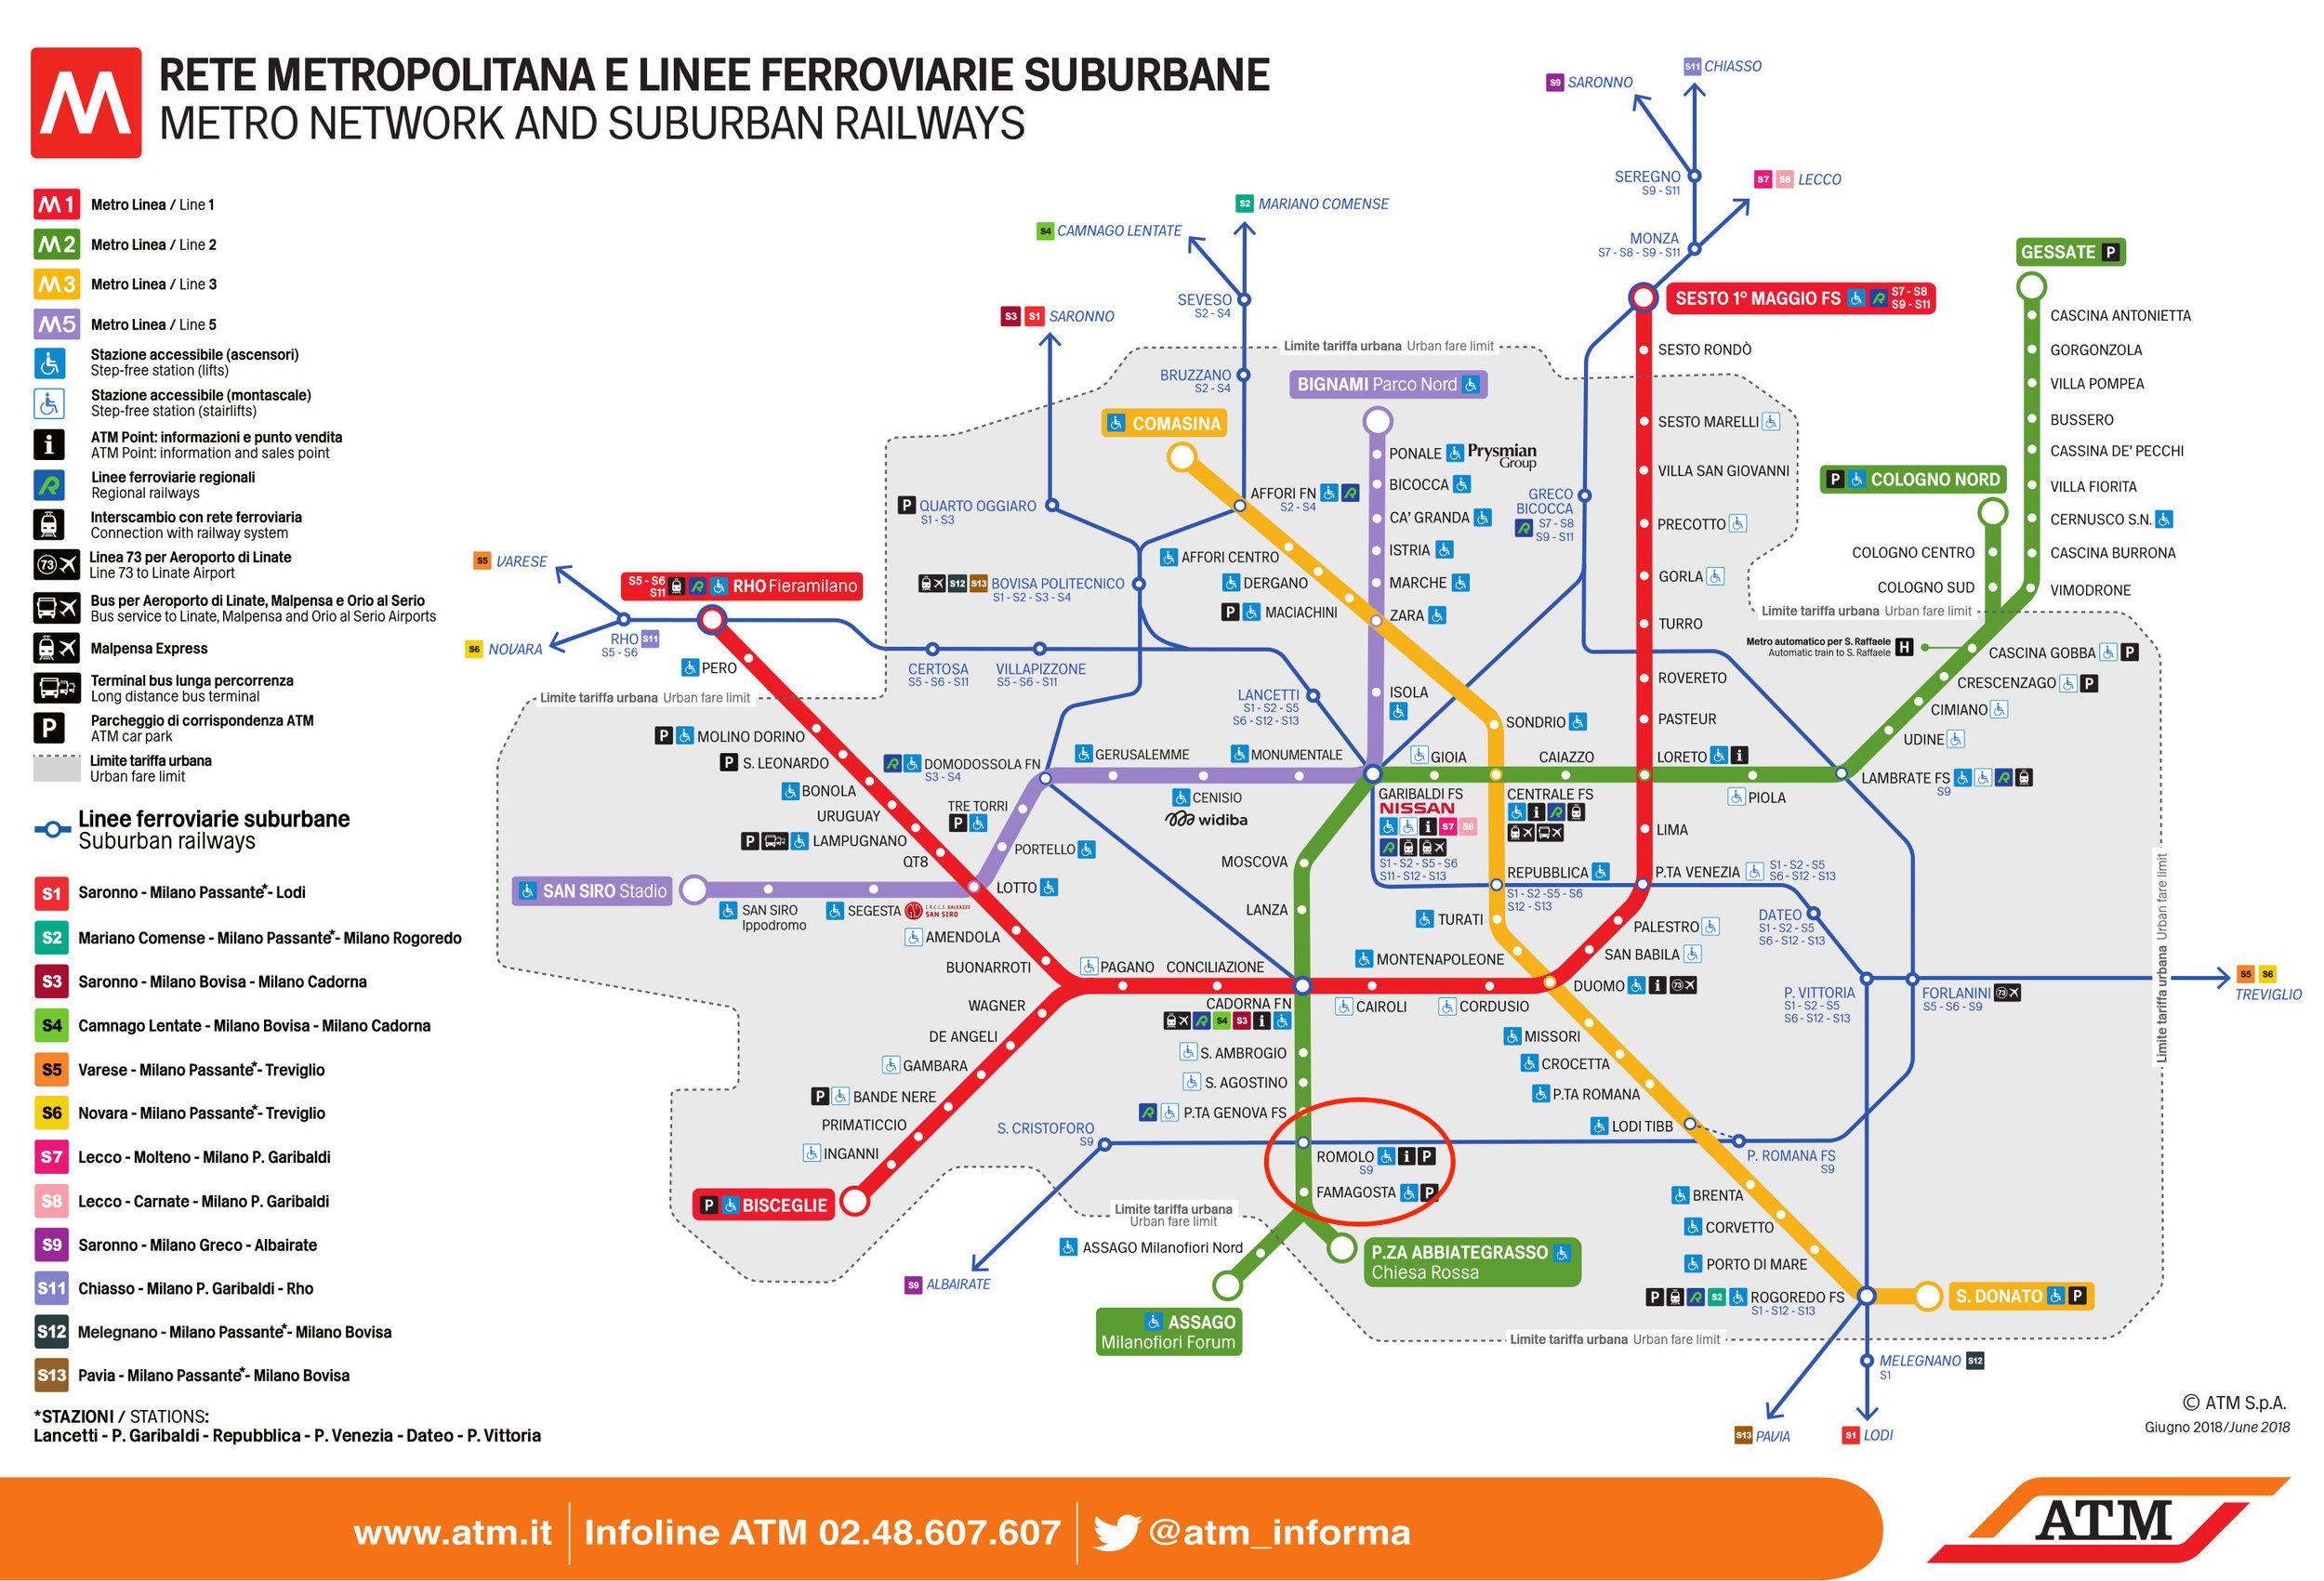 schema_rete_,metro_ATM_giugno18.jpg